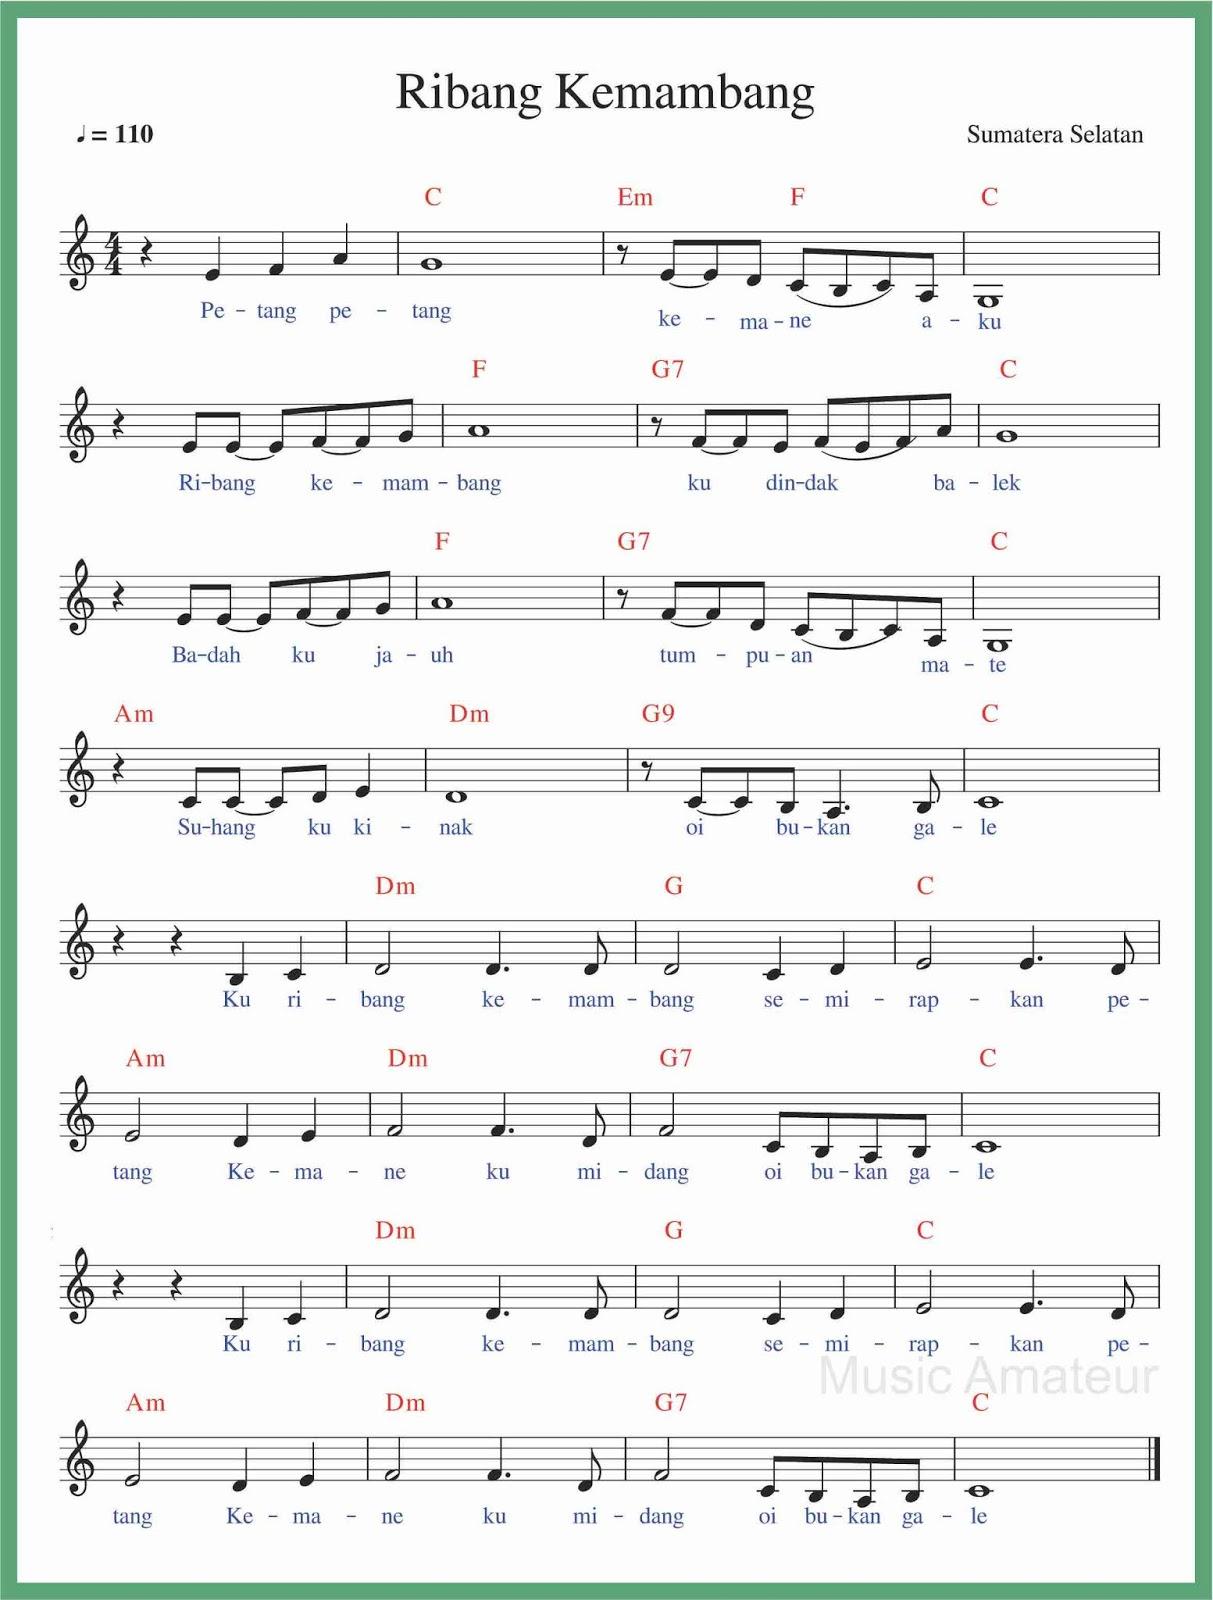 Lagu Daerah Lahat Sumatera Selatan : daerah, lahat, sumatera, selatan, Angka, Ribang, Kemambang, SEPUTAR, MUSIK